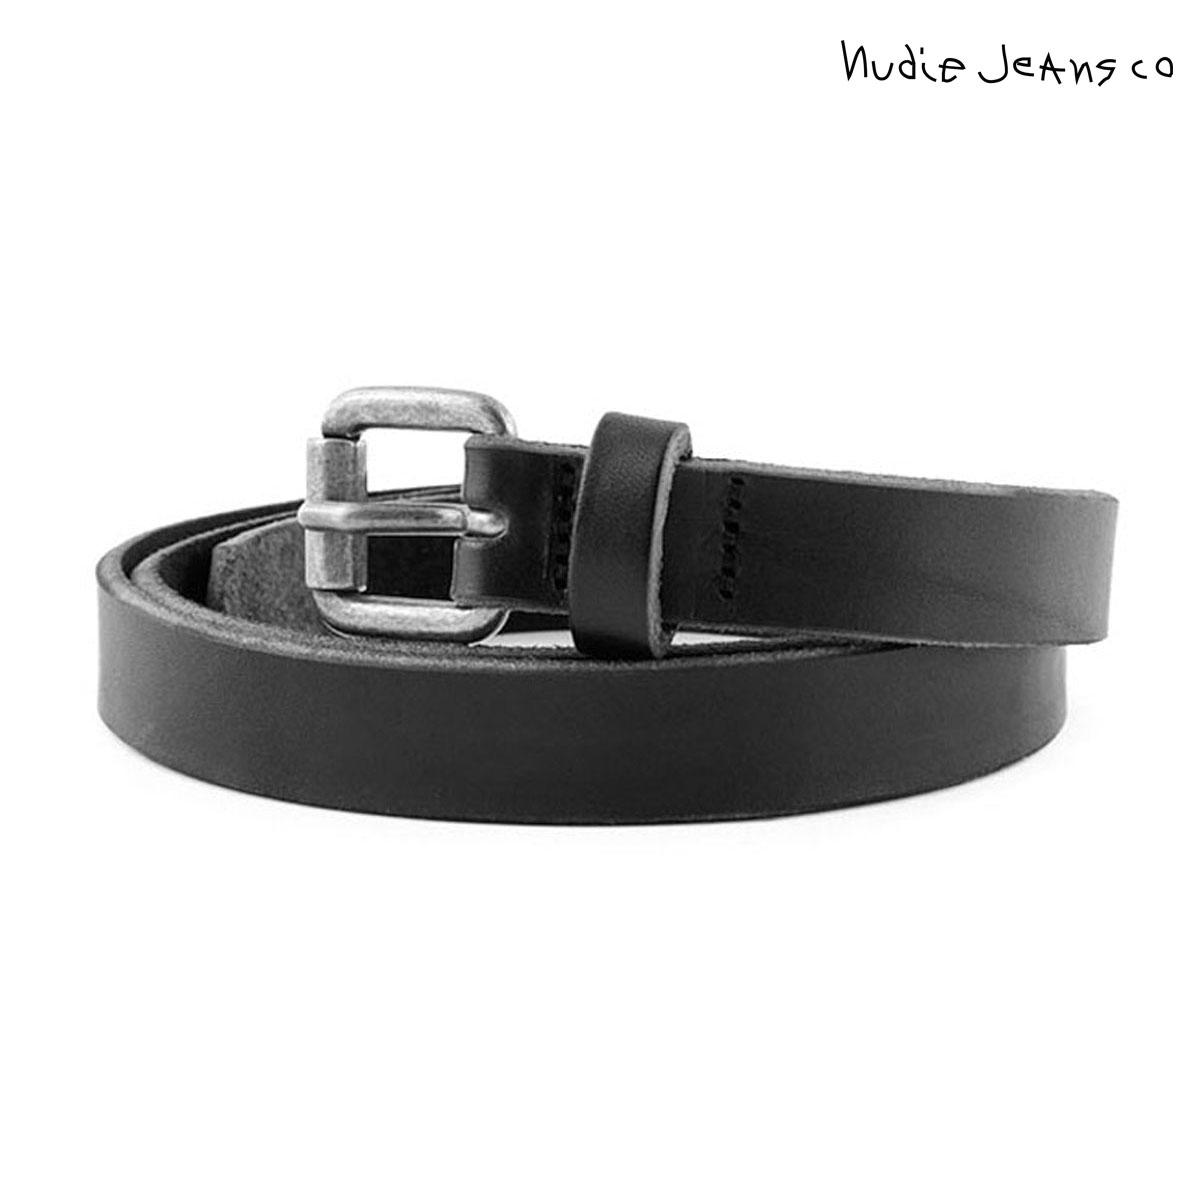 【ポイント10倍 6/4 20:00~6/11 01:59まで】 ヌーディージーンズ Nudie Jeans 正規販売店 メンズ ベルト DANSSON SLIM LEATHER BELT BLACK B01 180562 父の日